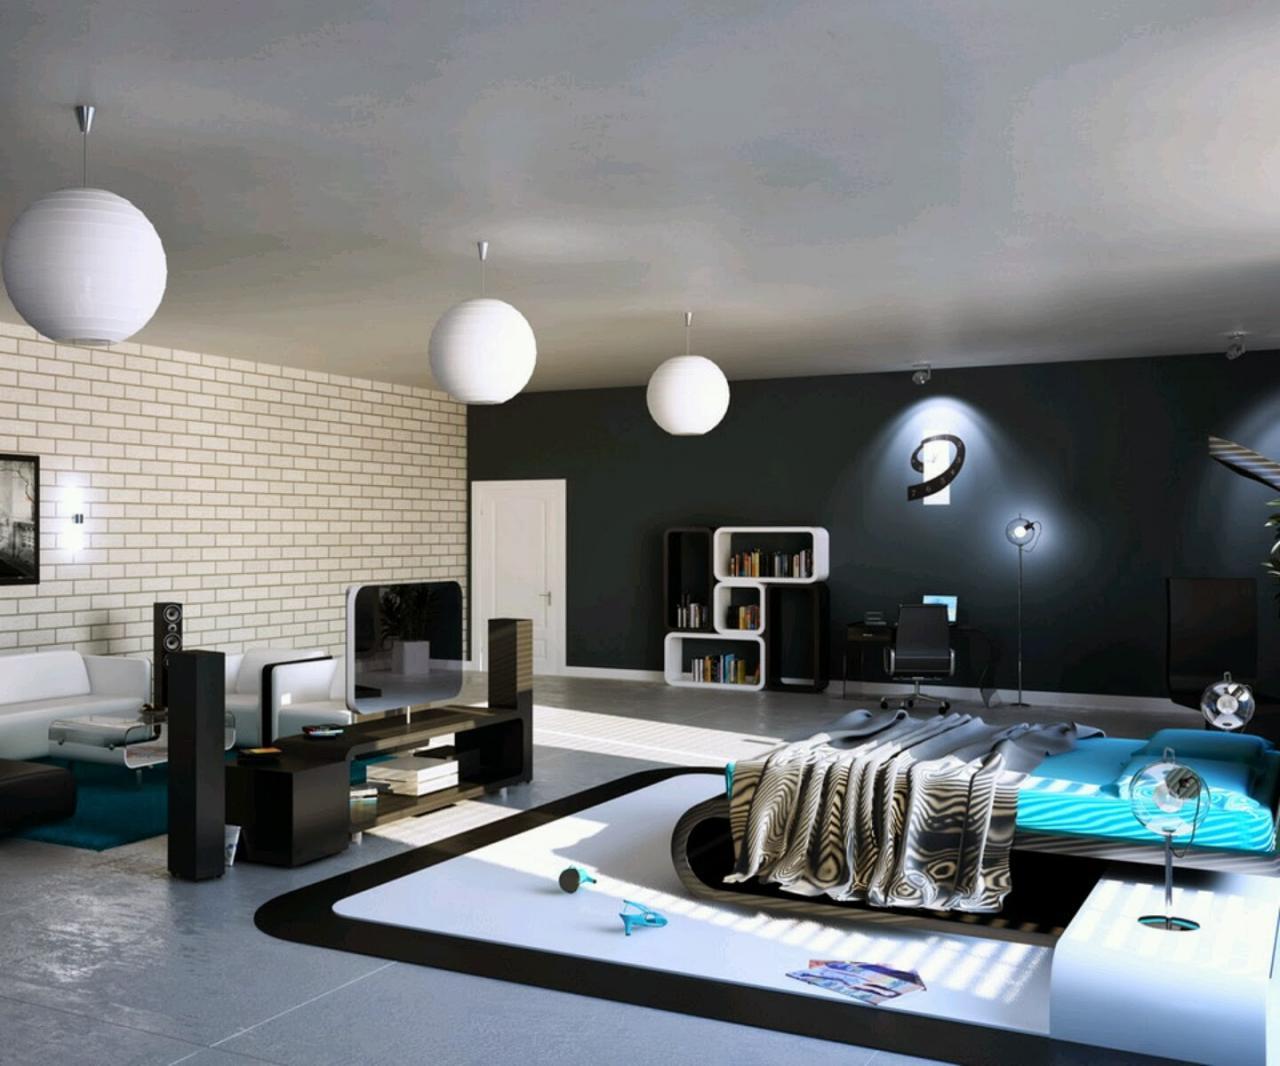 صورة افضل غرف النوم , احلى صور غرف جديدة للنوم